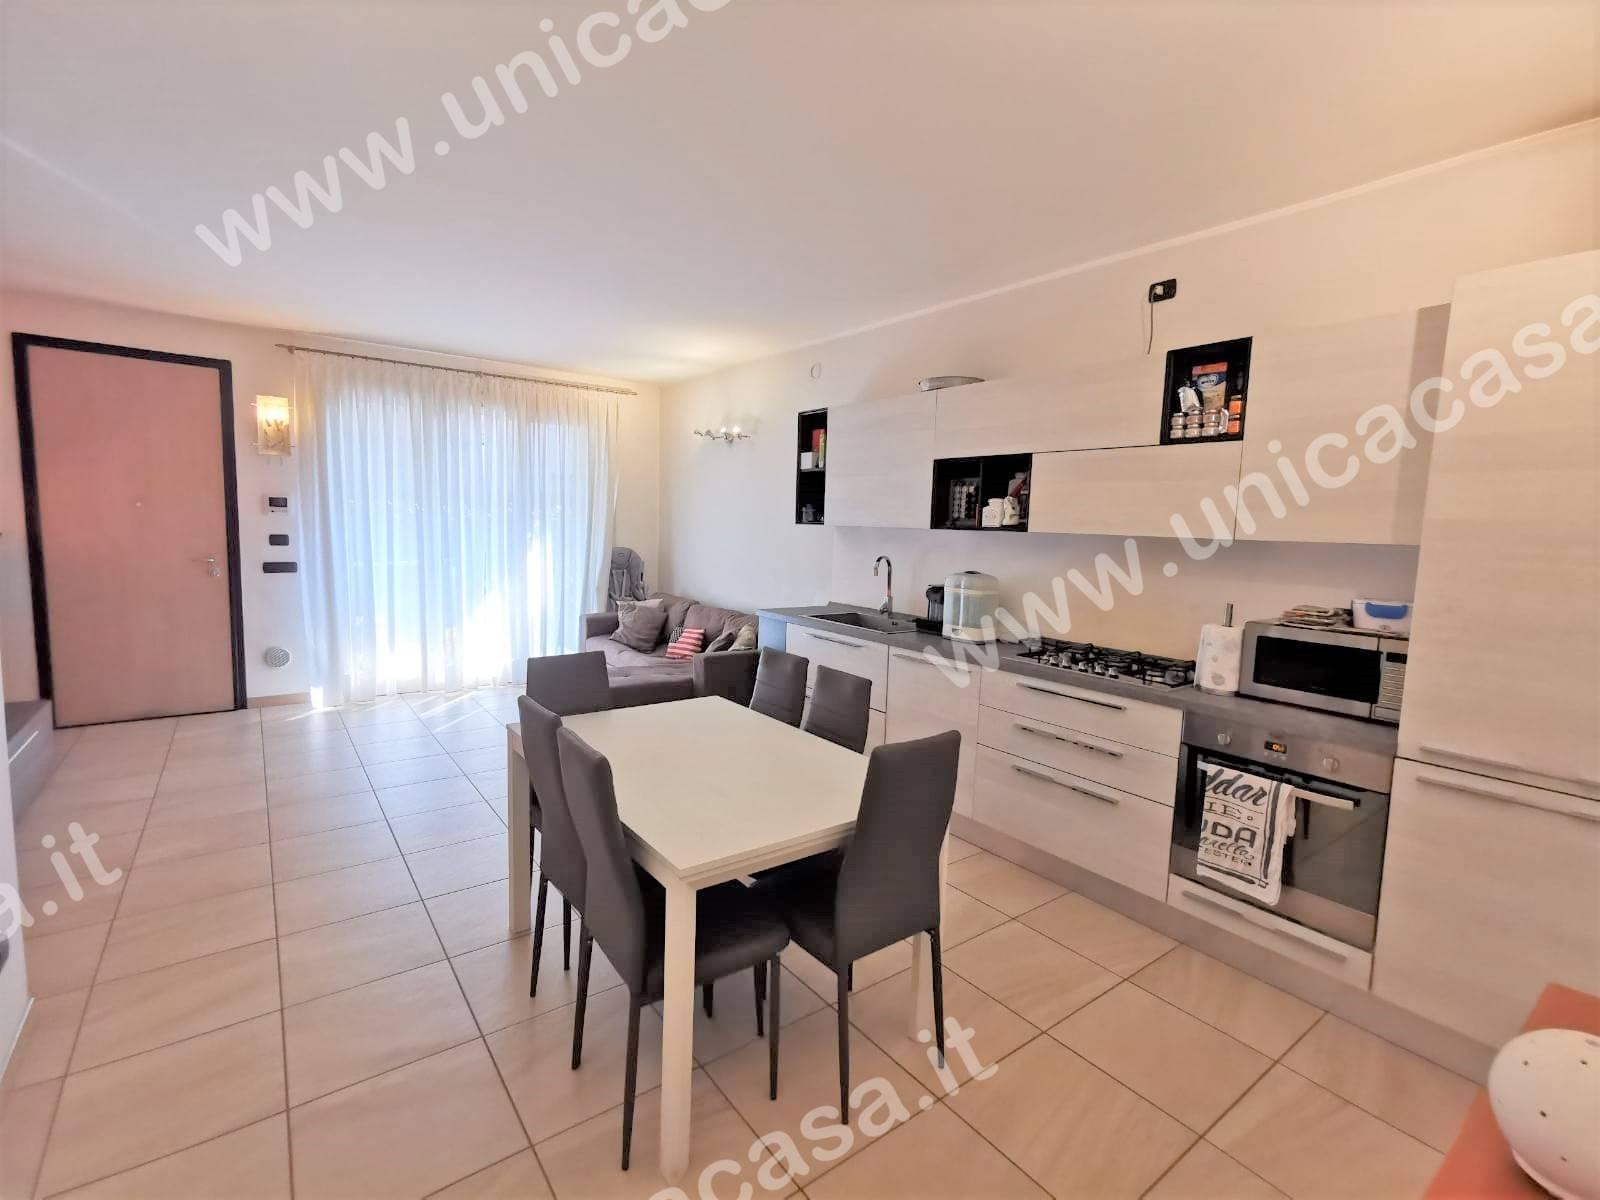 Appartamento in vendita a Dalmine, 2 locali, prezzo € 125.000 | PortaleAgenzieImmobiliari.it